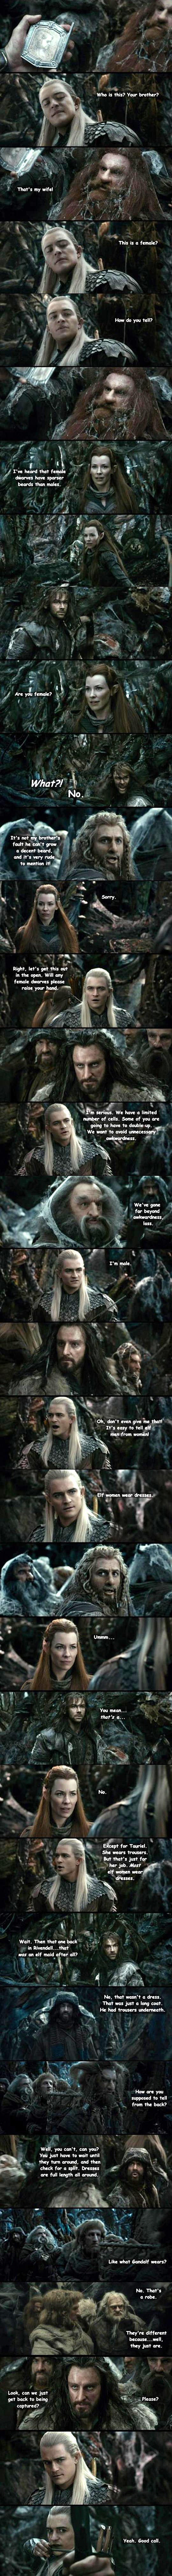 Genders in The Hobbit